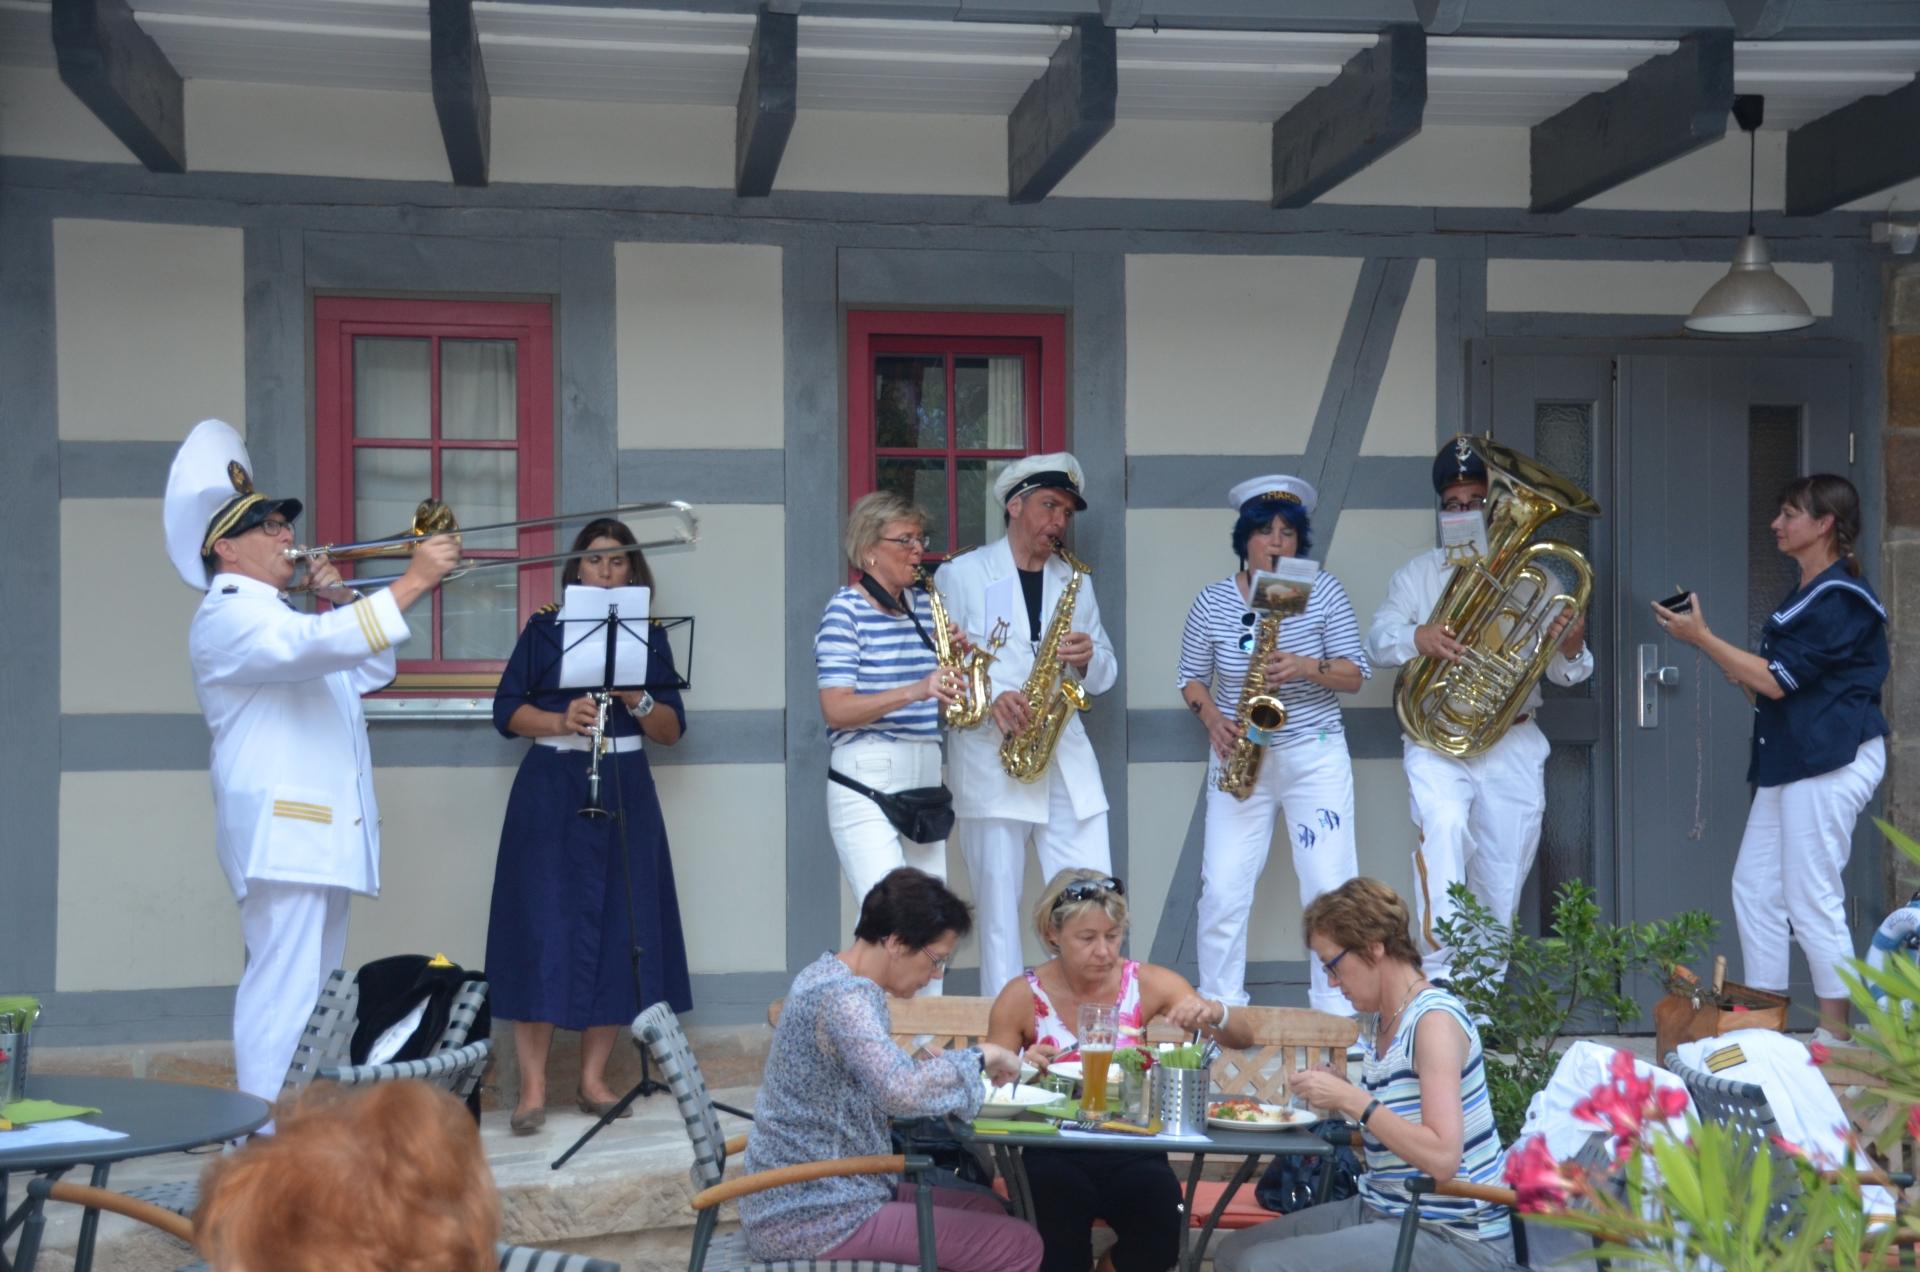 Altstadtfest 2012